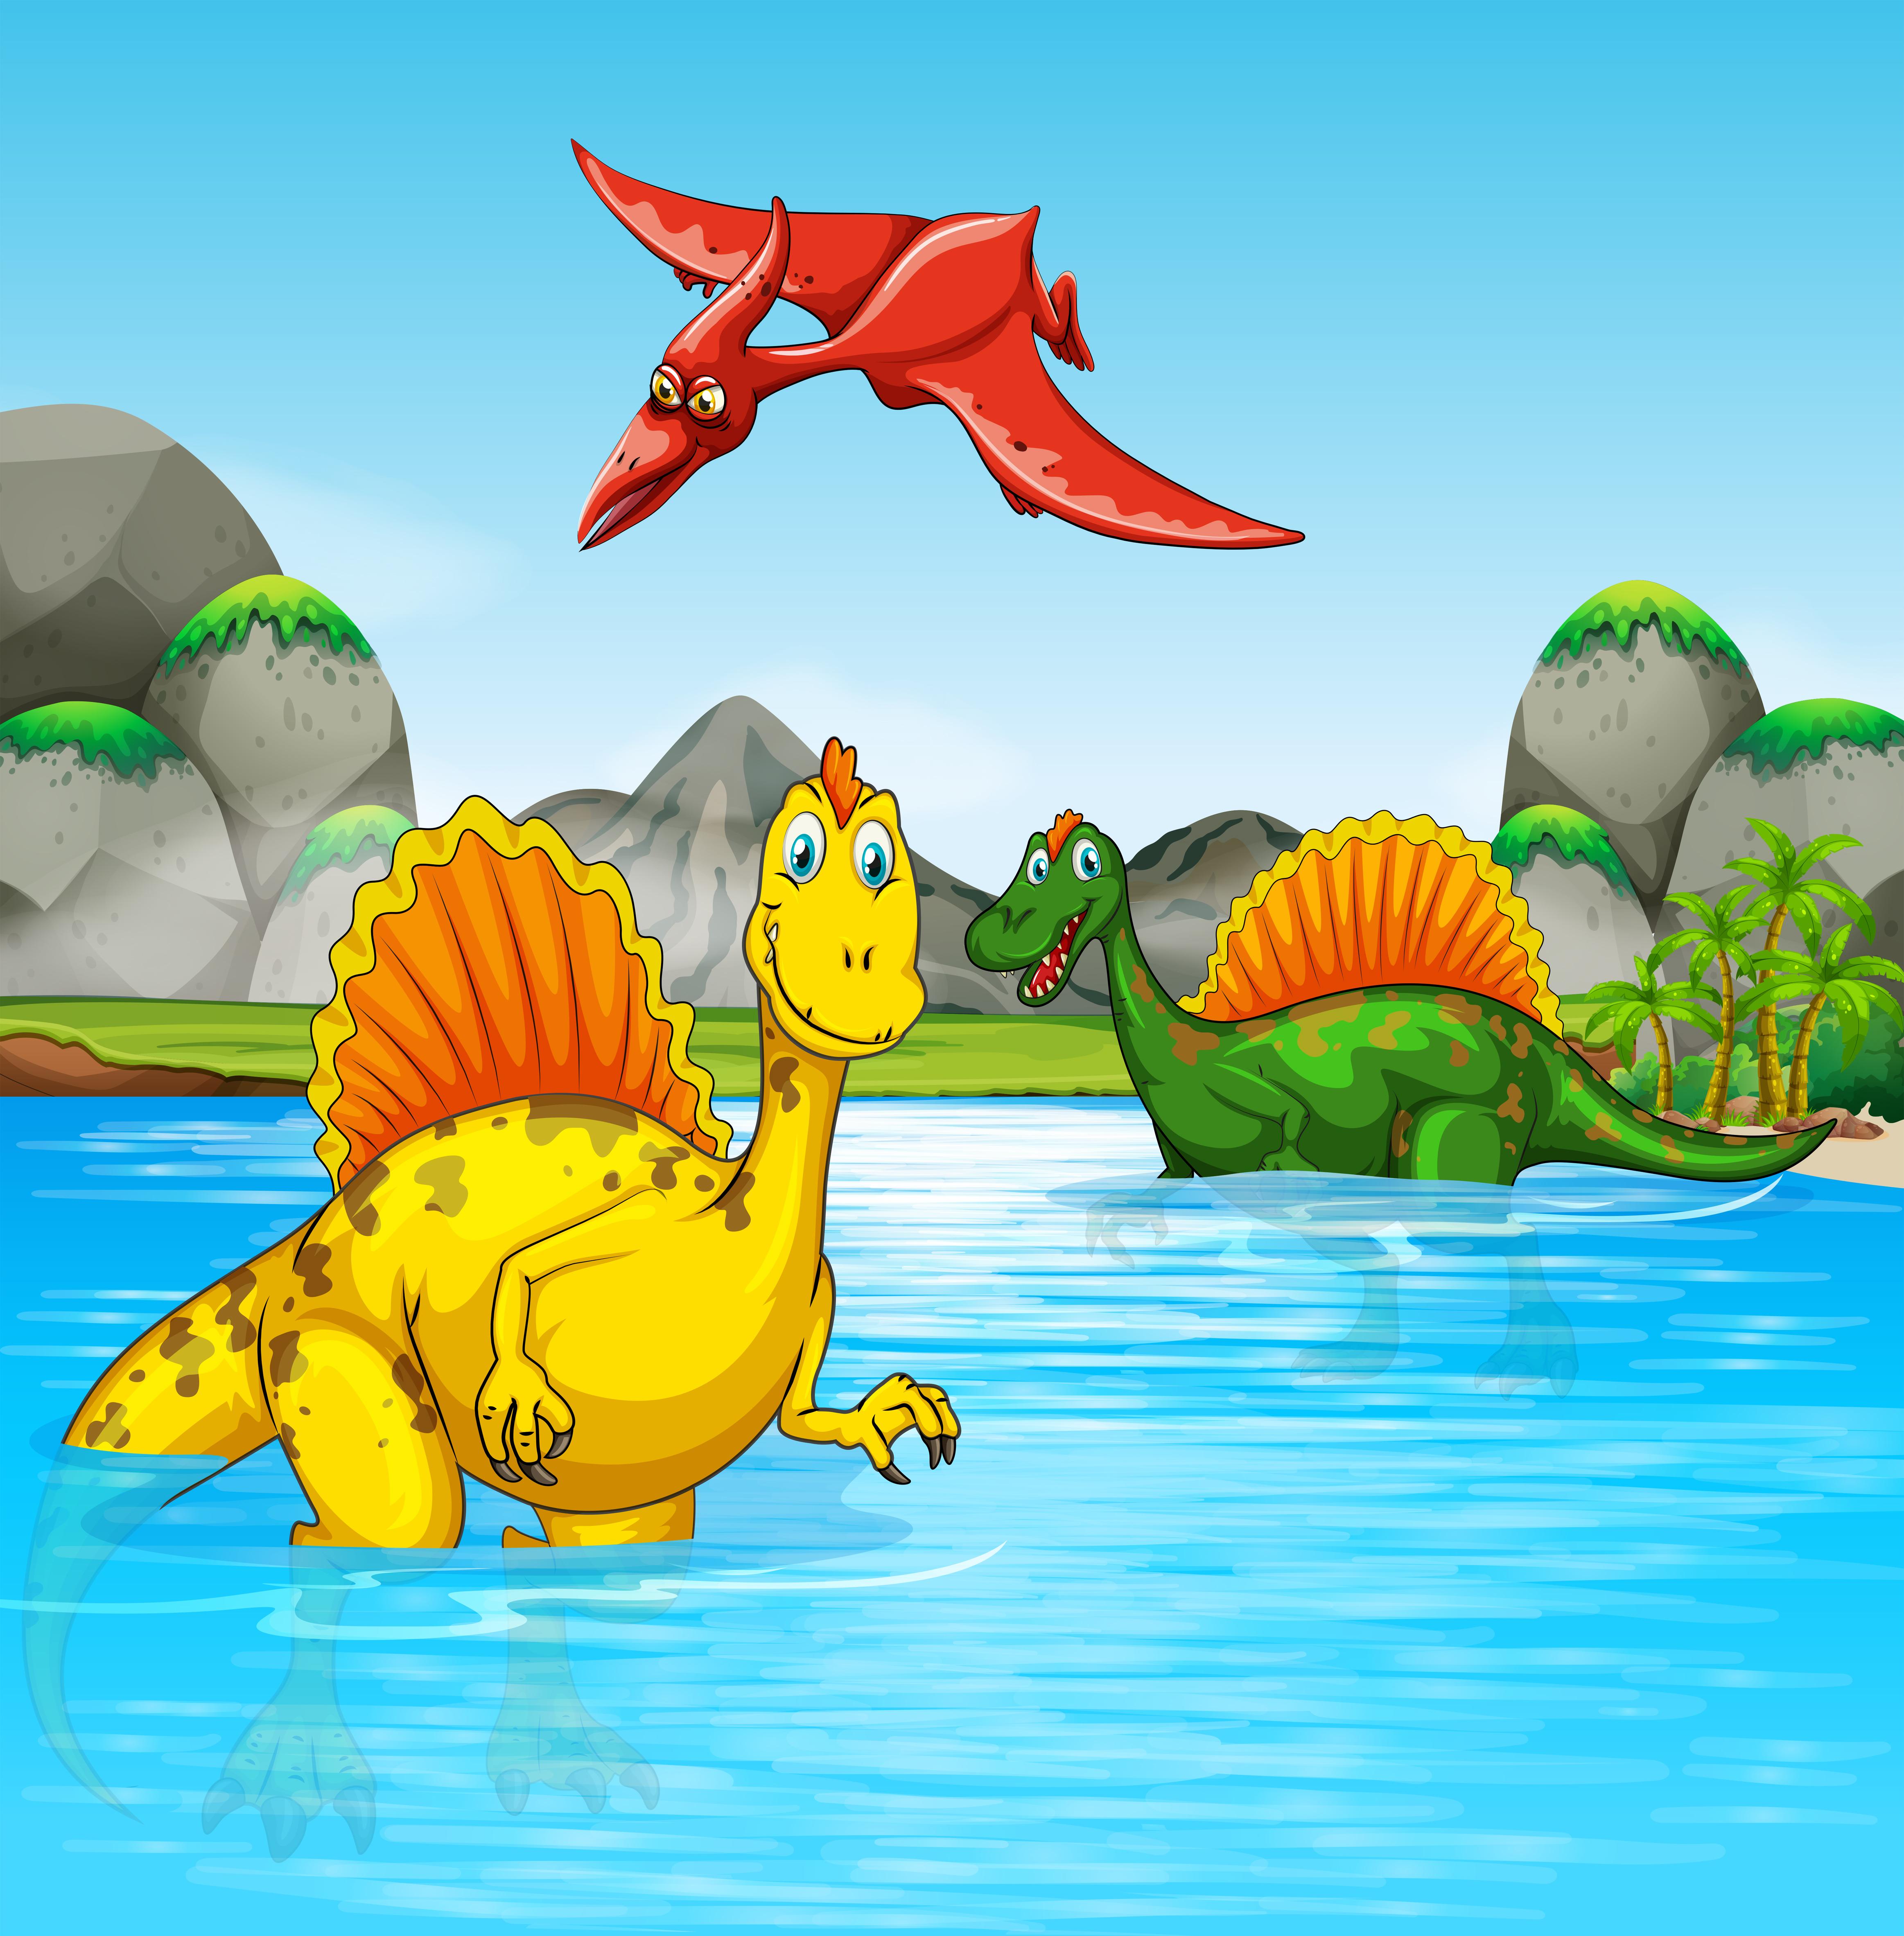 Prehistoric Dinosaurs In A Water Scene 432535 Vector Art At Vecteezy